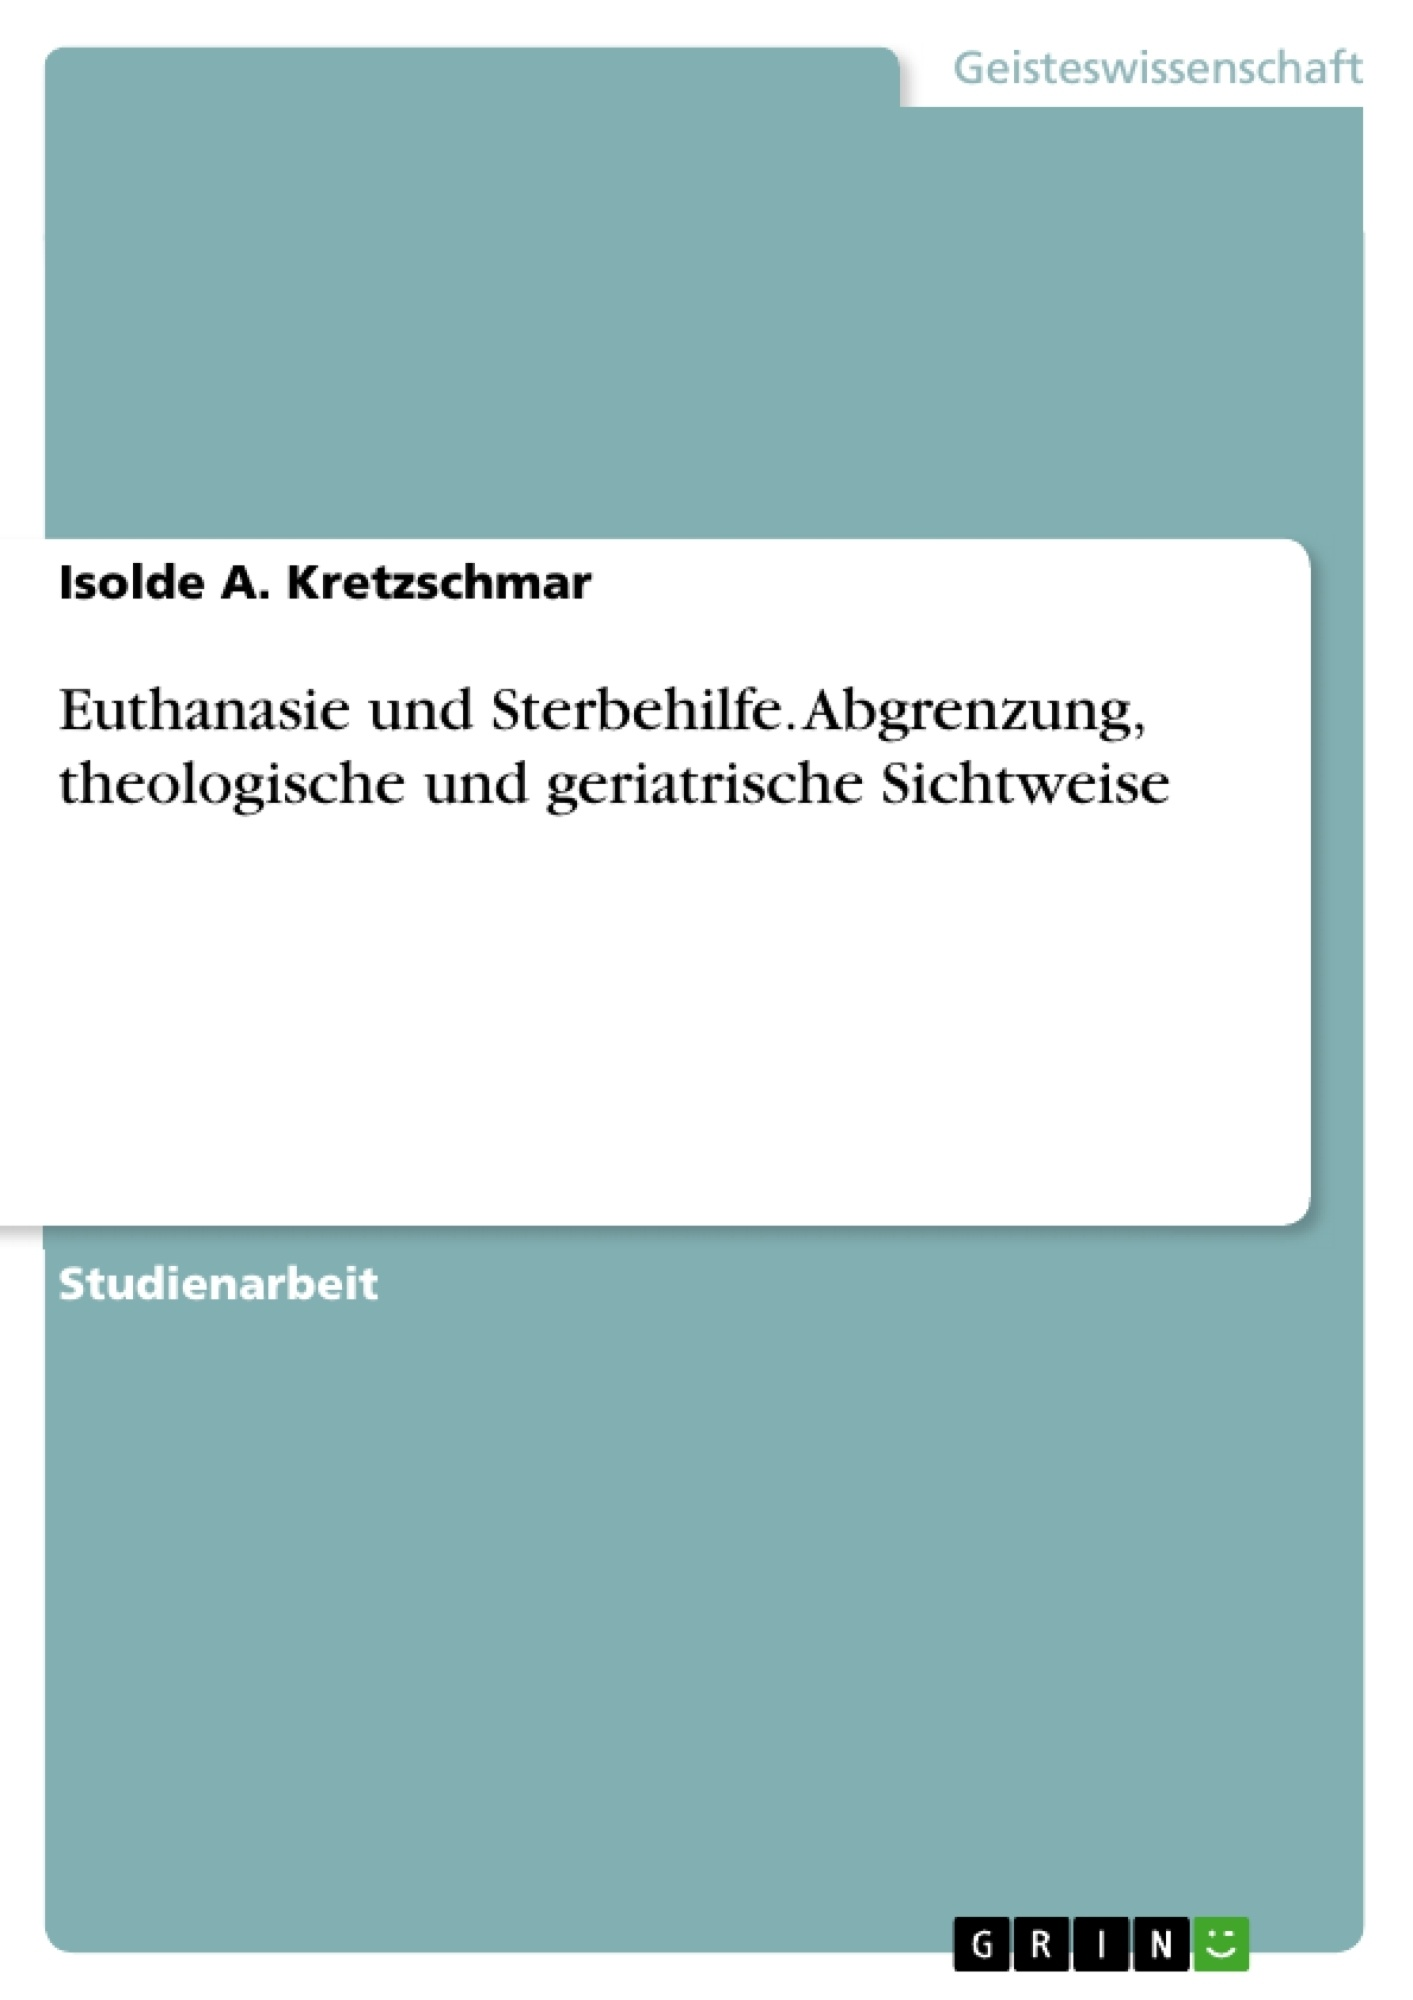 Titel: Euthanasie und Sterbehilfe. Abgrenzung, theologische und geriatrische Sichtweise